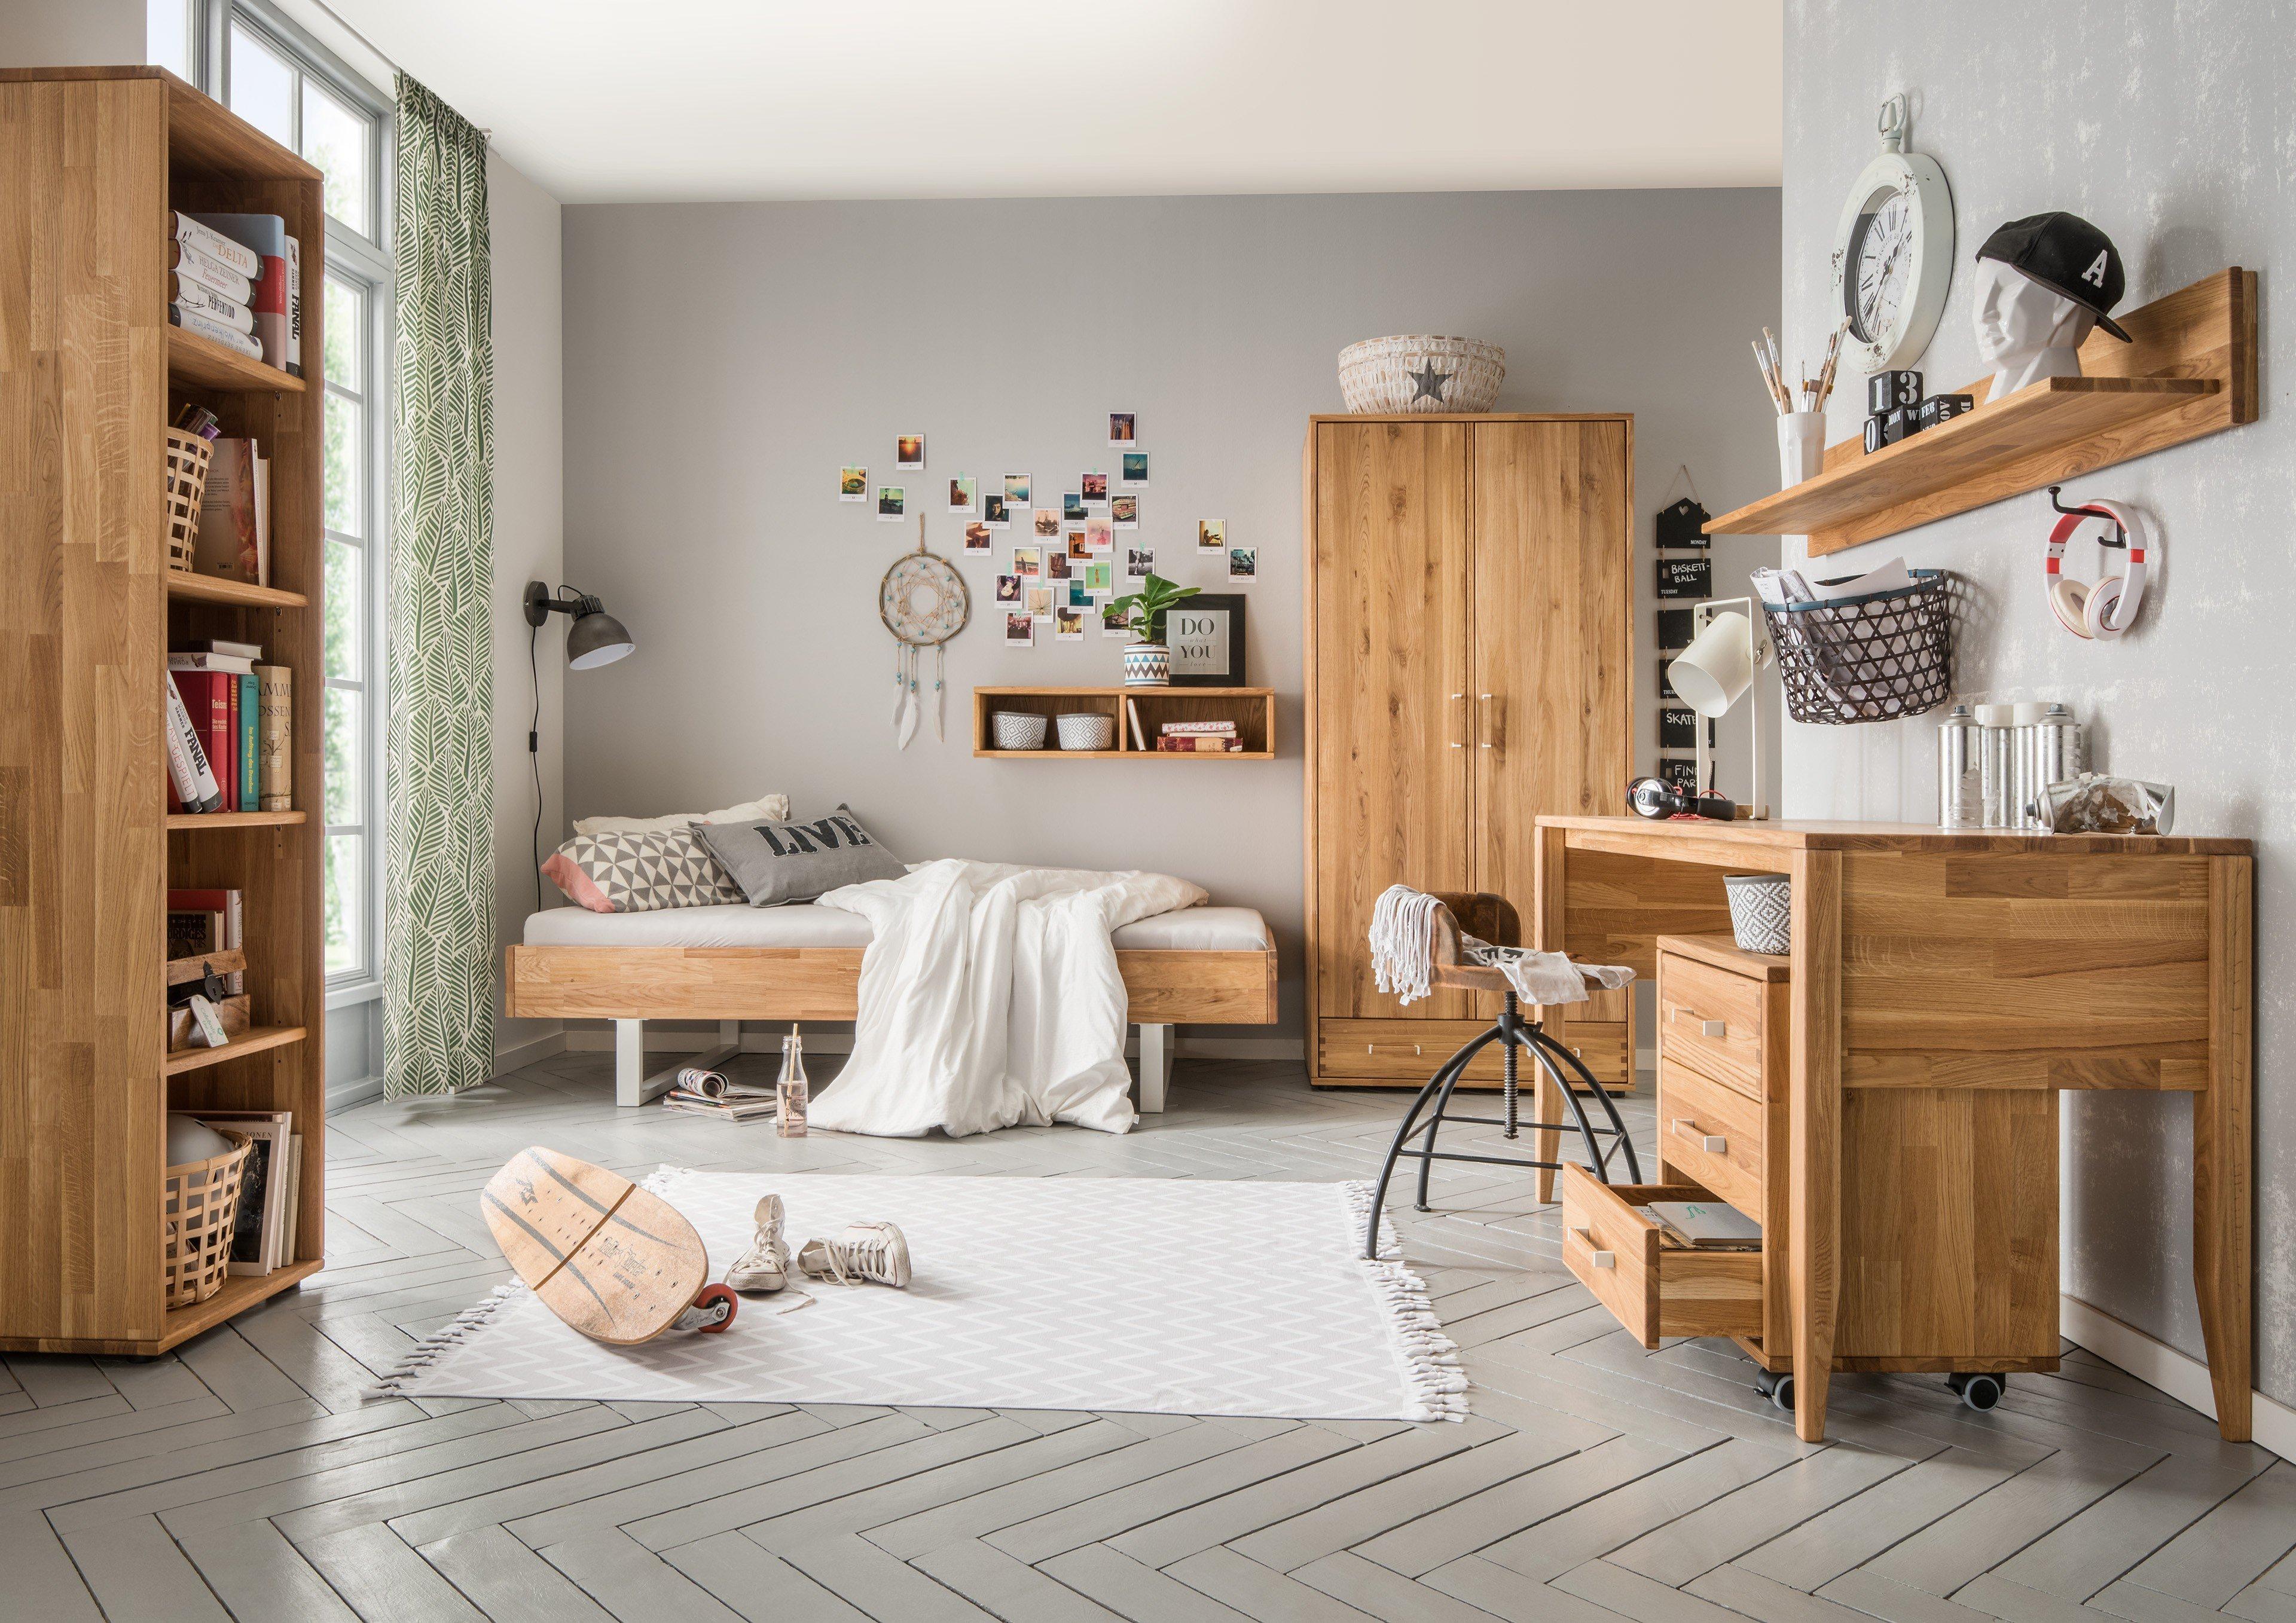 skalik mido jugendzimmer eiche massiv natur m bel letz. Black Bedroom Furniture Sets. Home Design Ideas